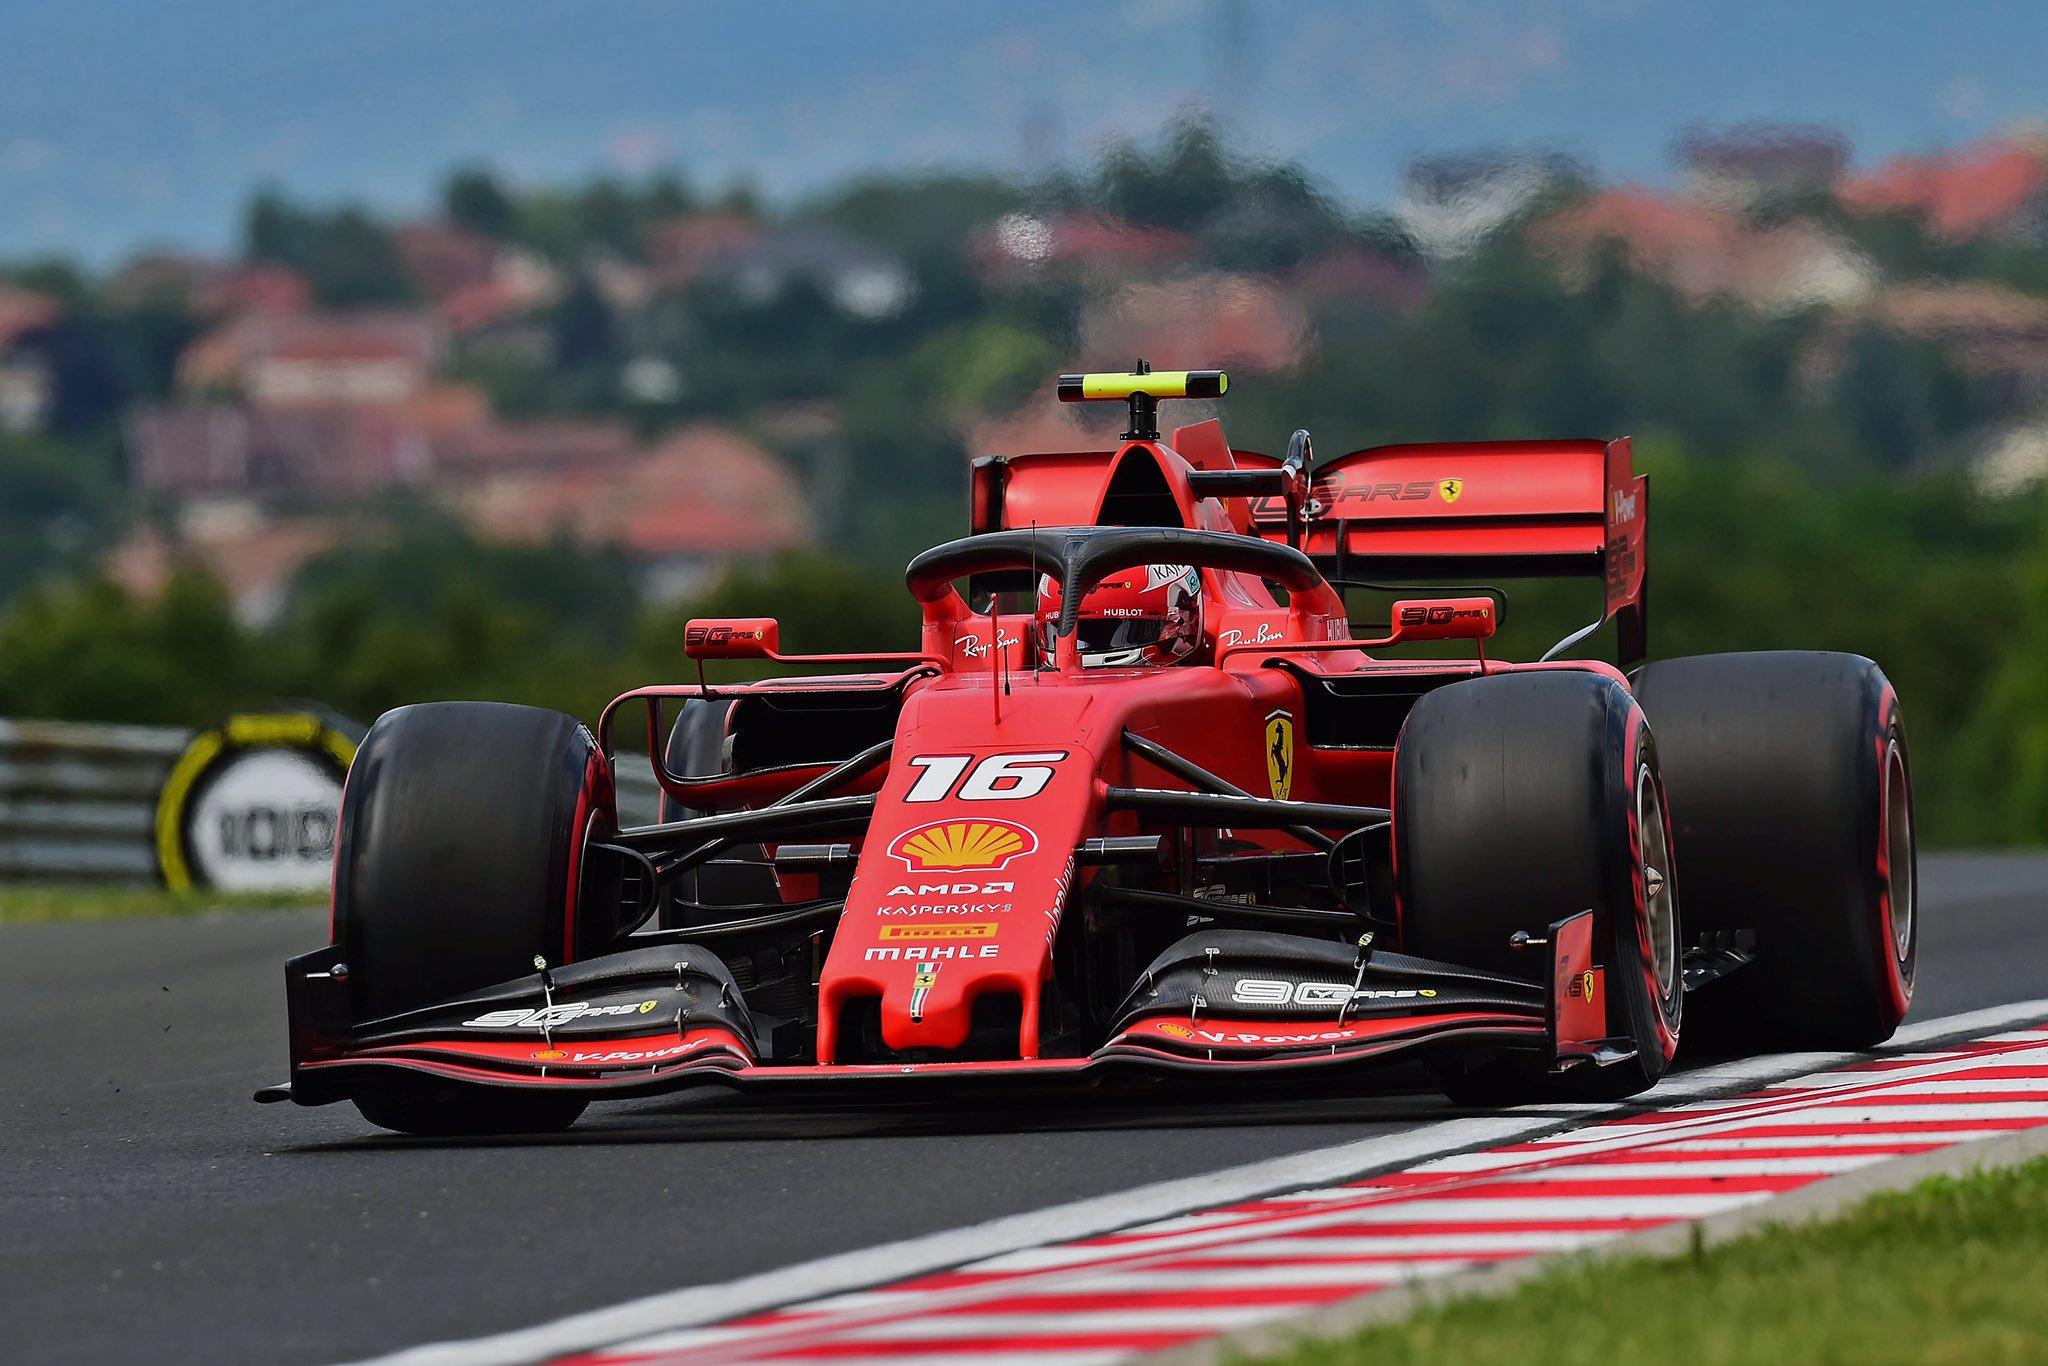 Deux erreurs en deux Grands Prix, Charles Leclerc veut comprendre 1